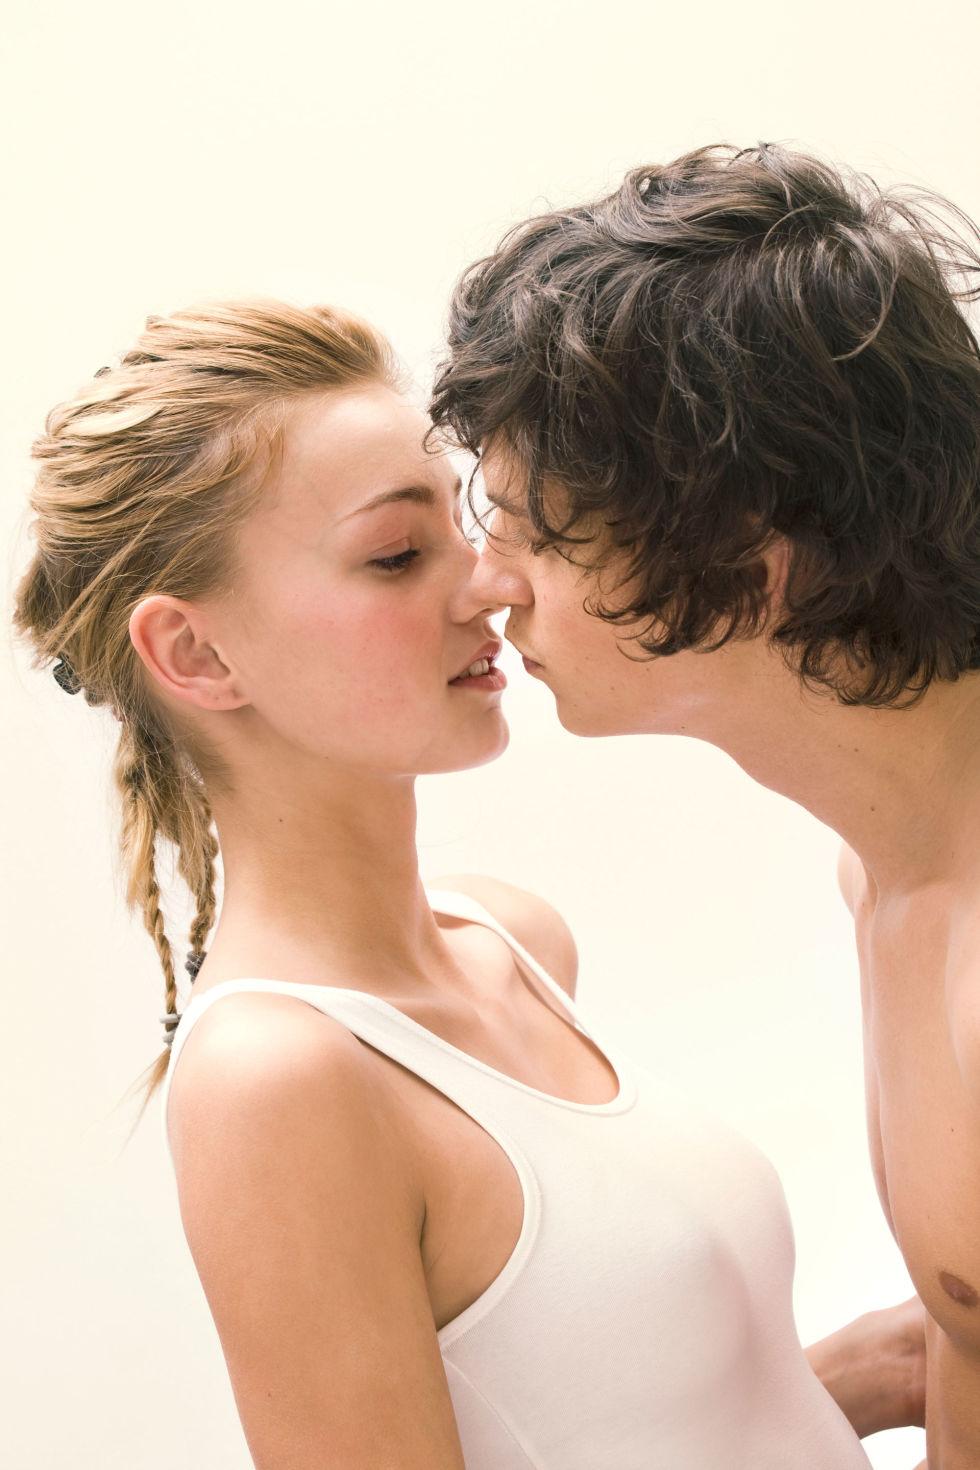 Секс с мальчиками бесплатно 24 фотография